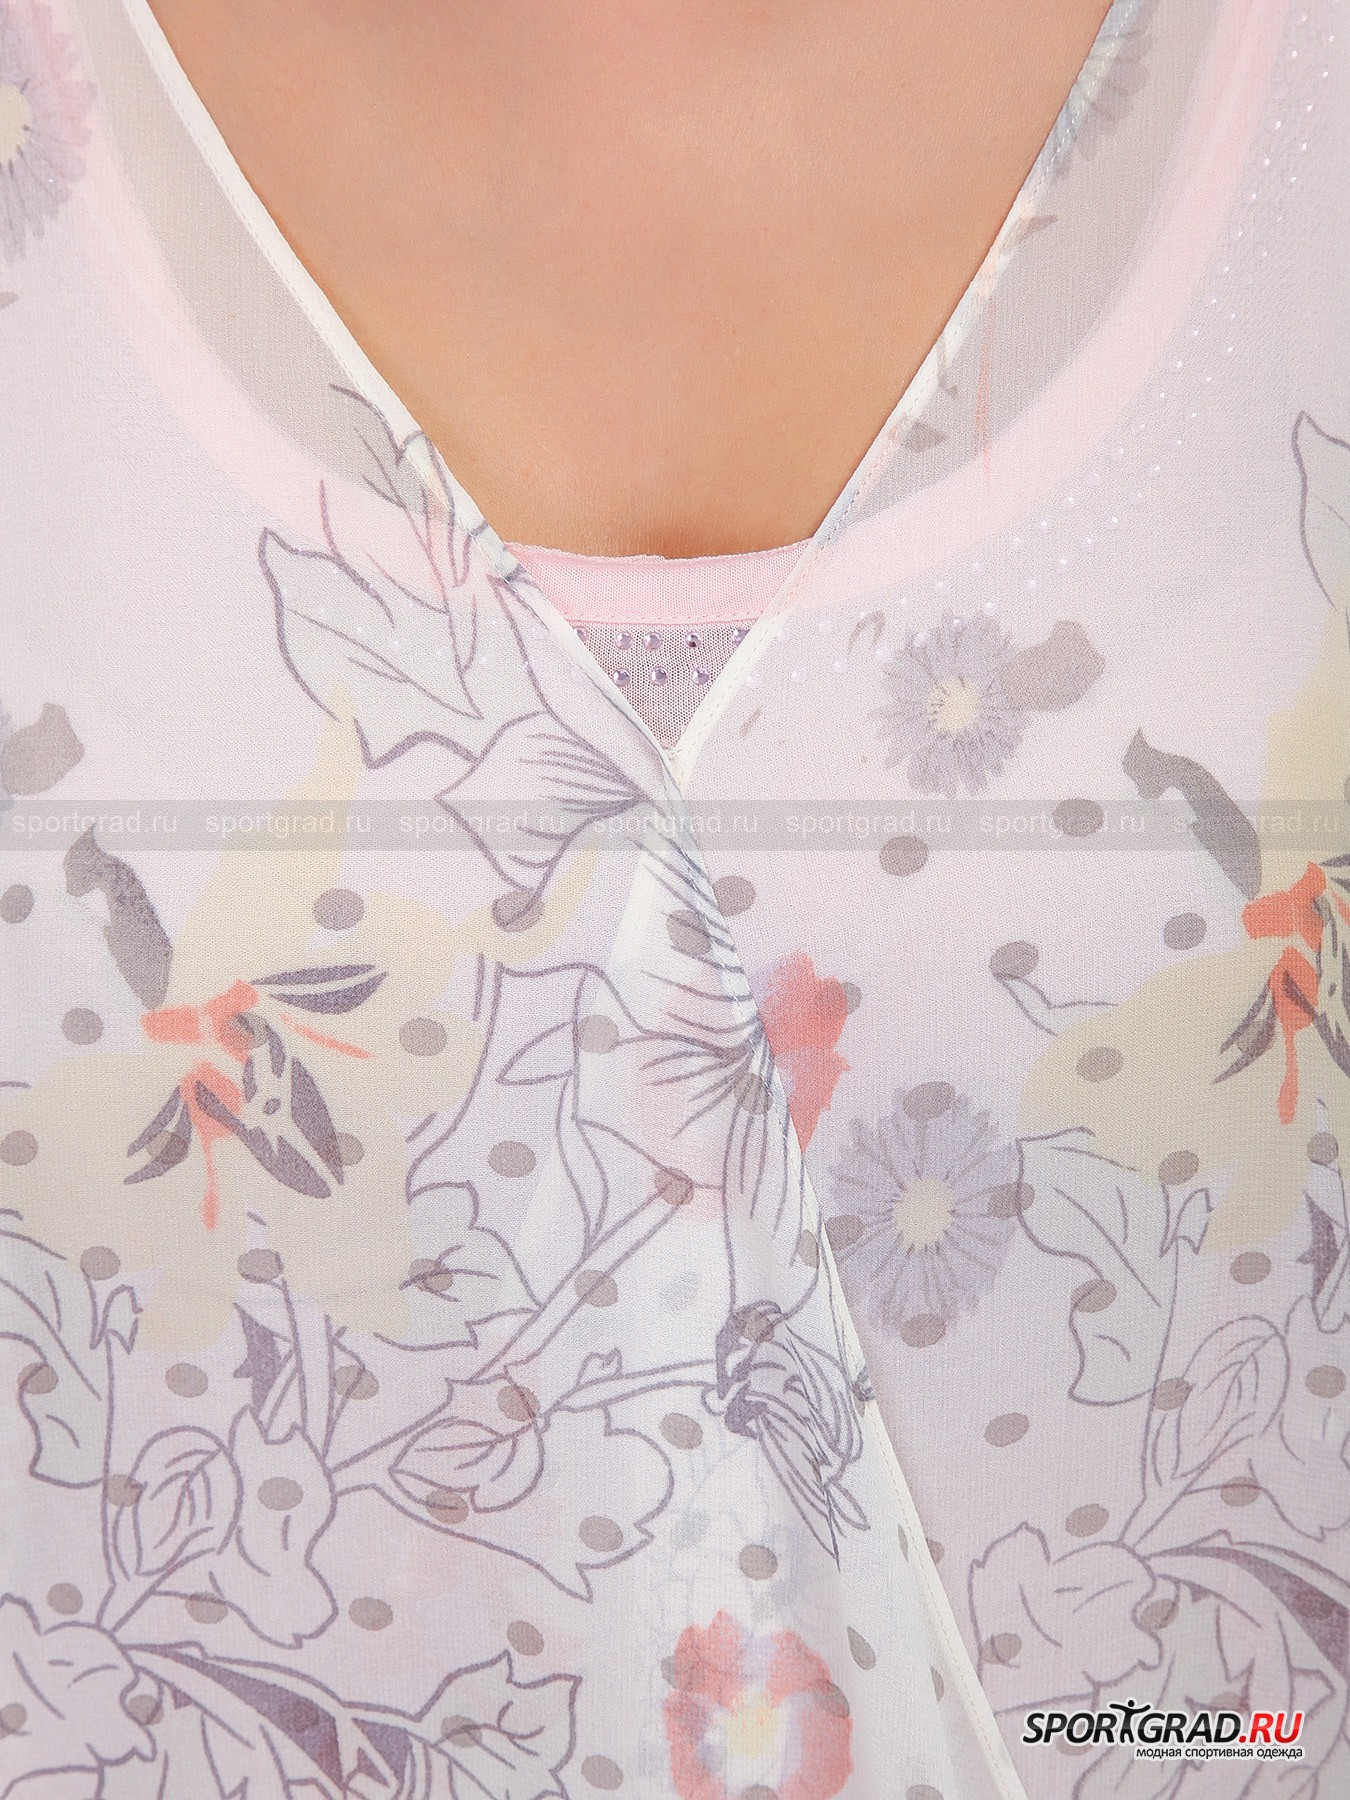 Комплект Juniper SPORTALM из шелковой блузки и облегающей майки от Спортград